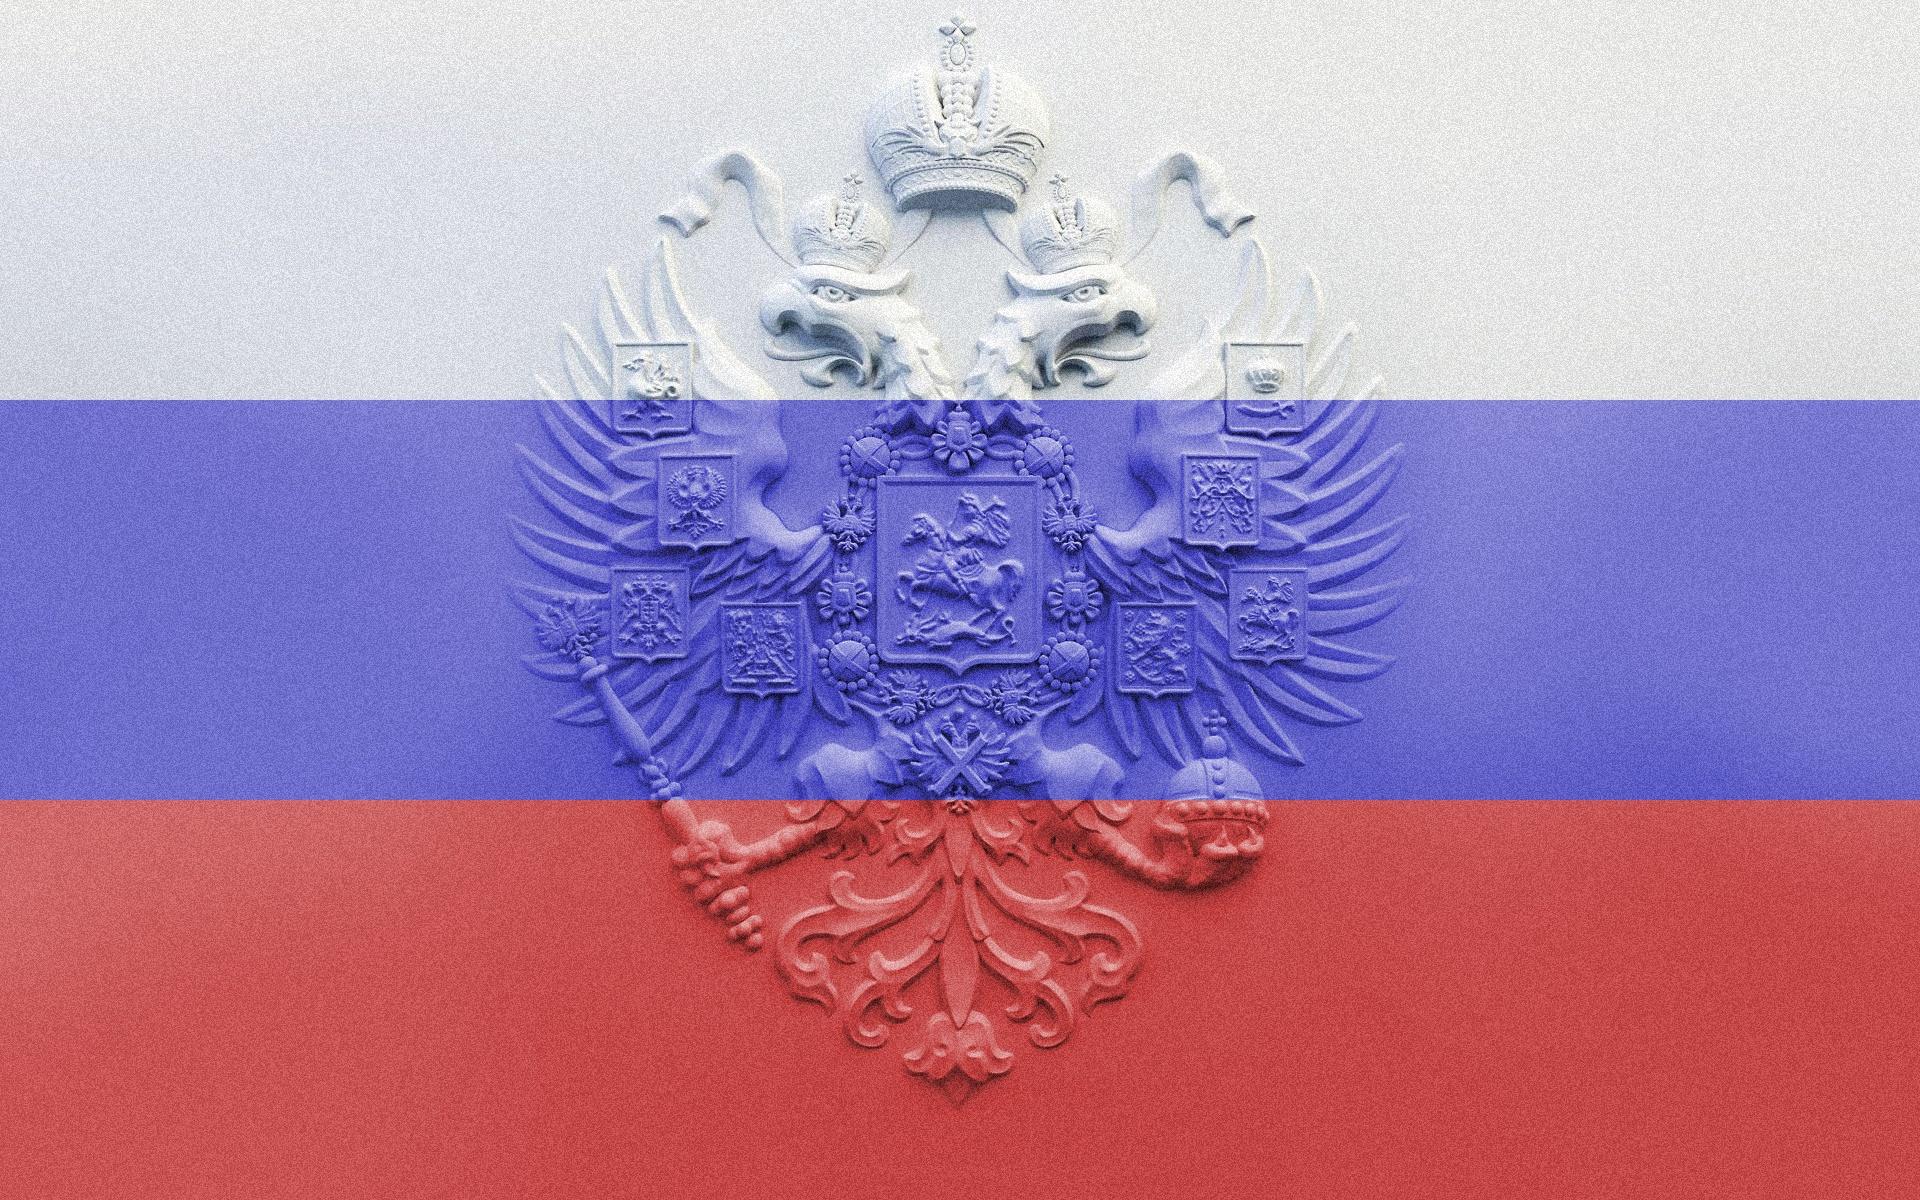 بالصور صور علم روسيا , خلفيات وصور جميله لعلم روسيا 2588 8